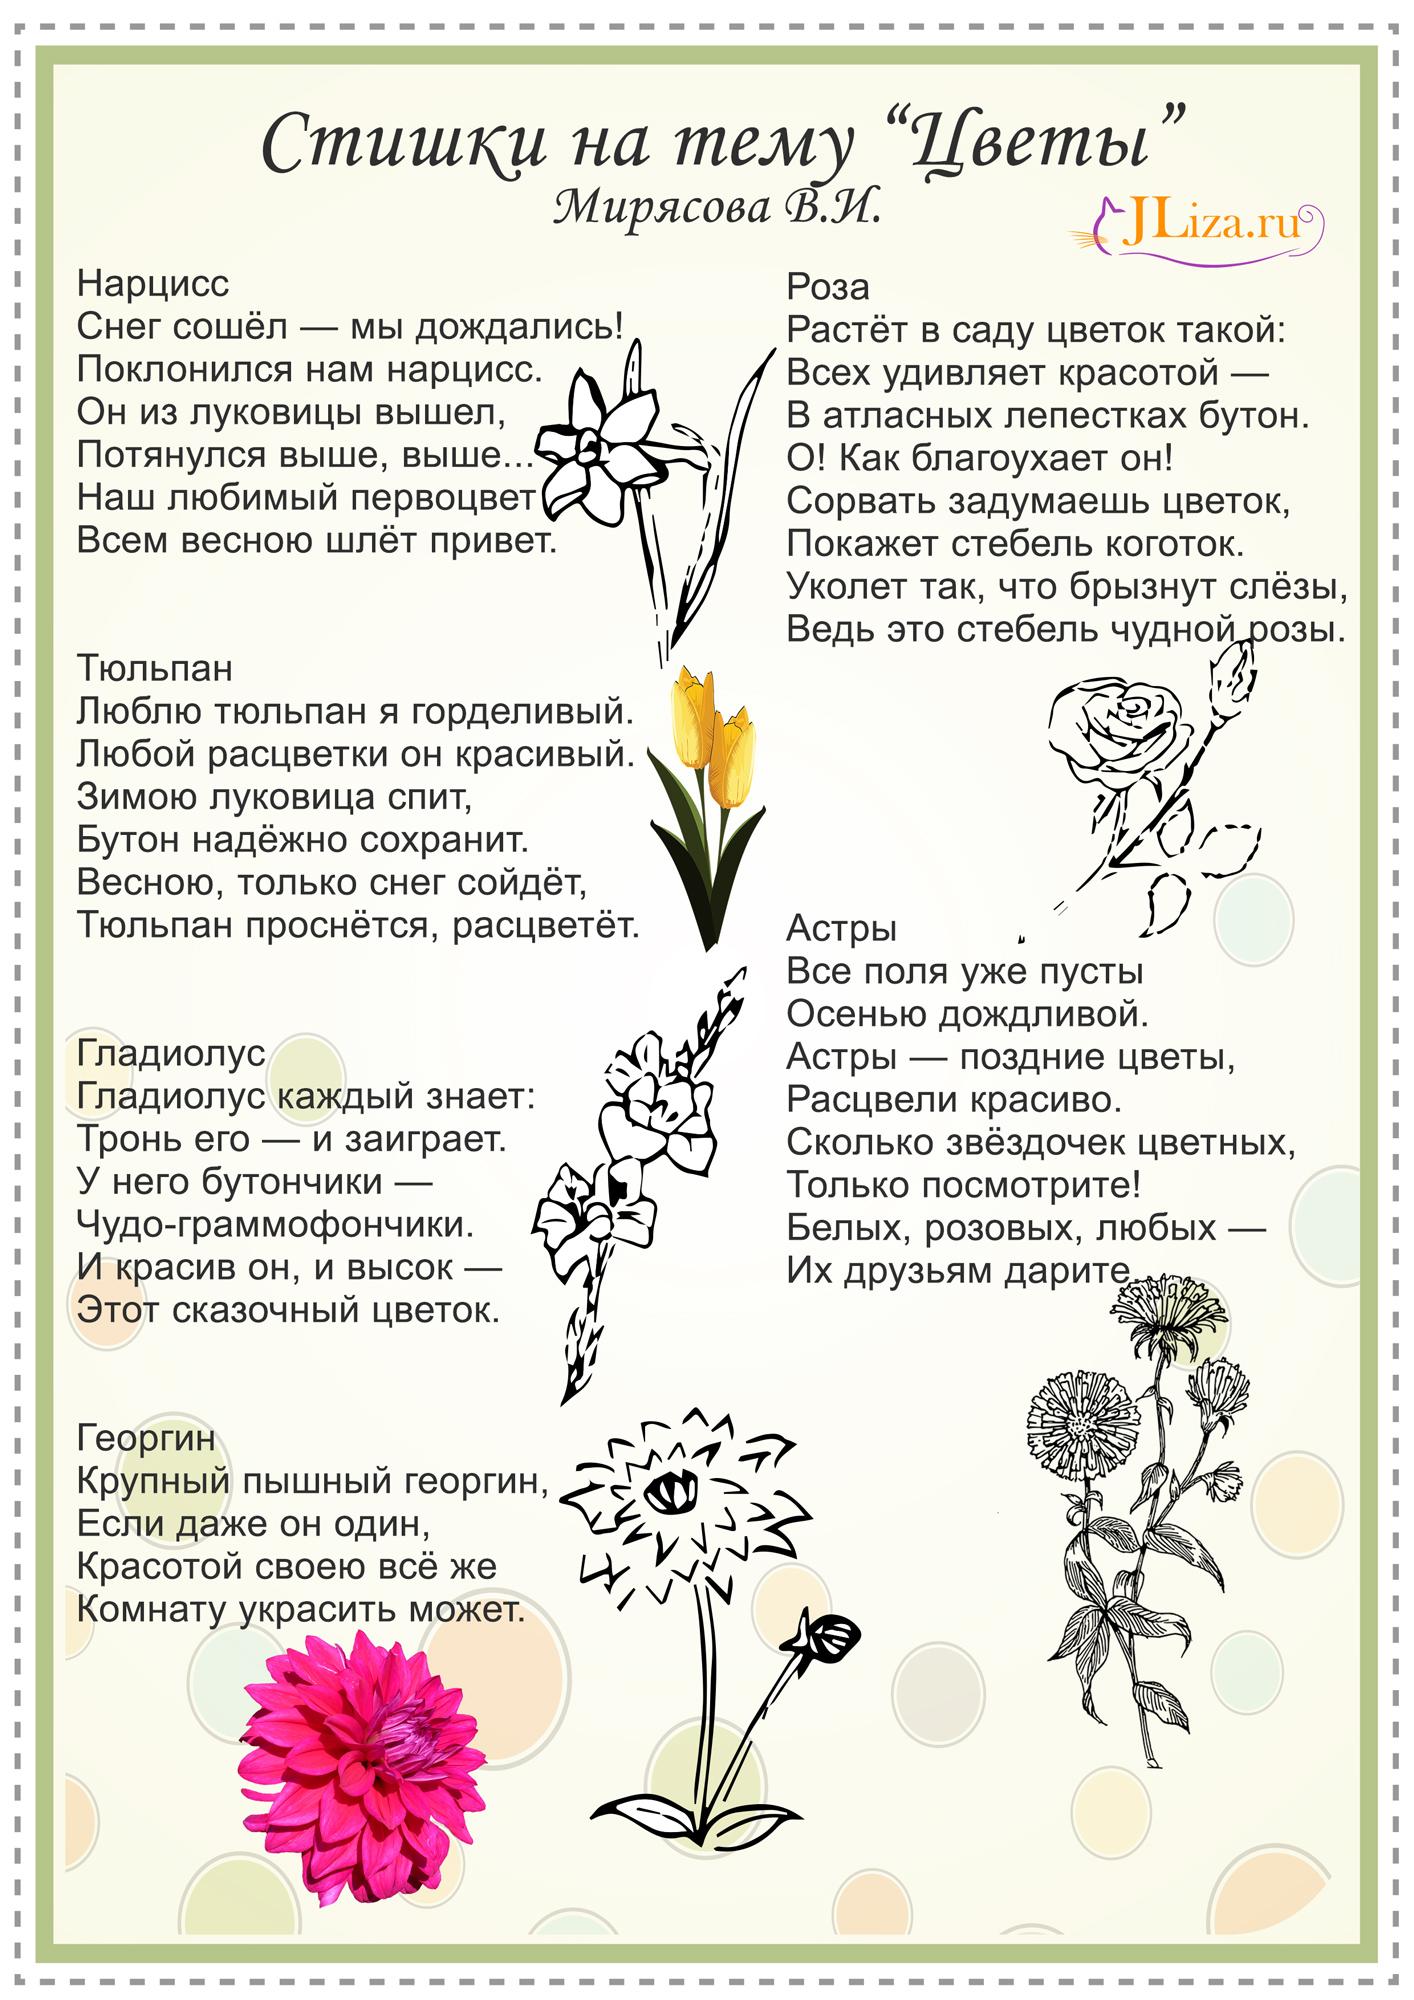 стихи от имени цветка бычара превратил собственные